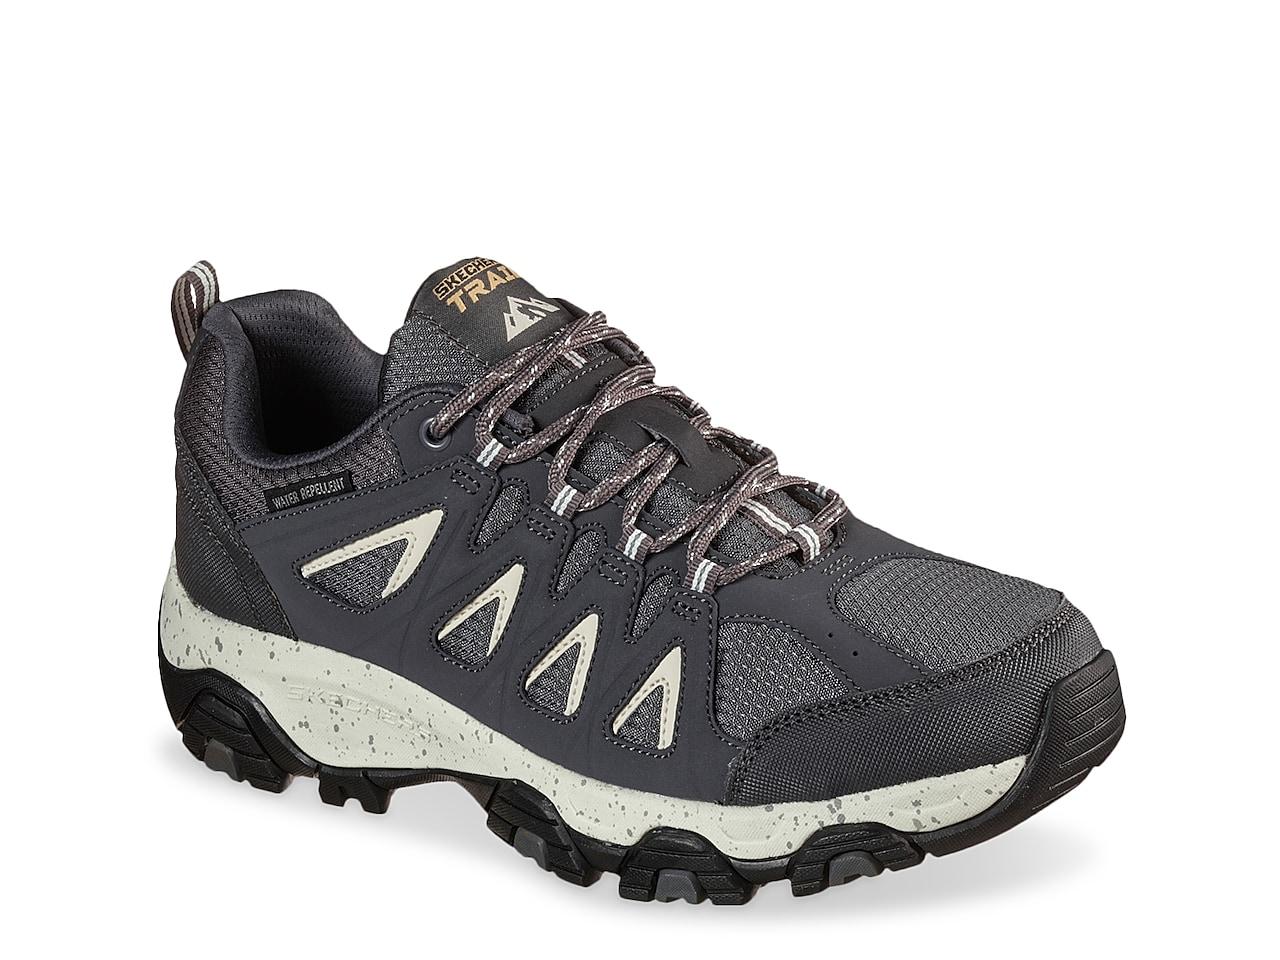 Skechers Terrabite Trail Shoe - Men's